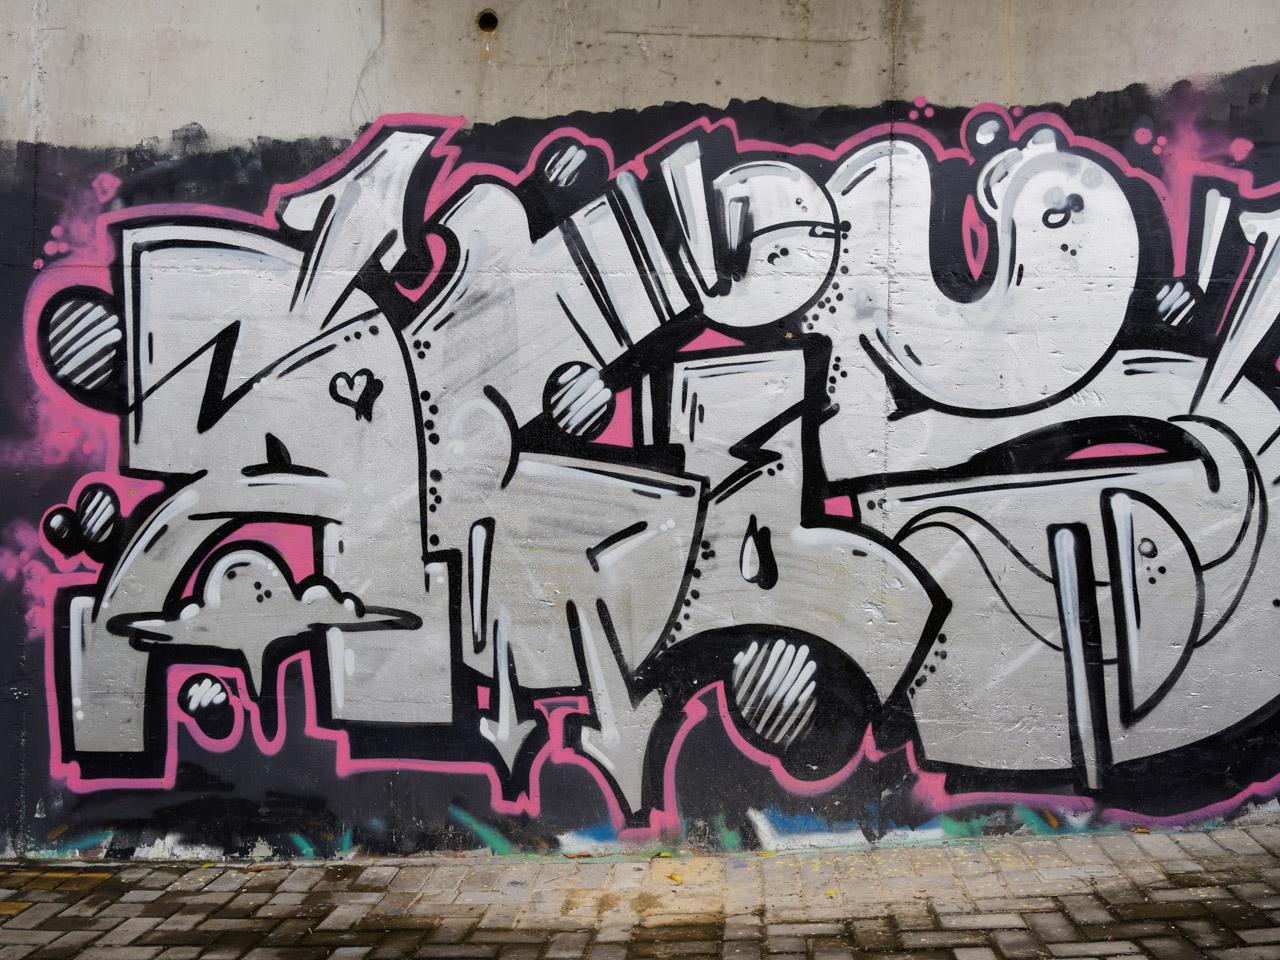 lix2ng   时间: 2014-9-2 12:54   立体字母造型是涂鸦图片